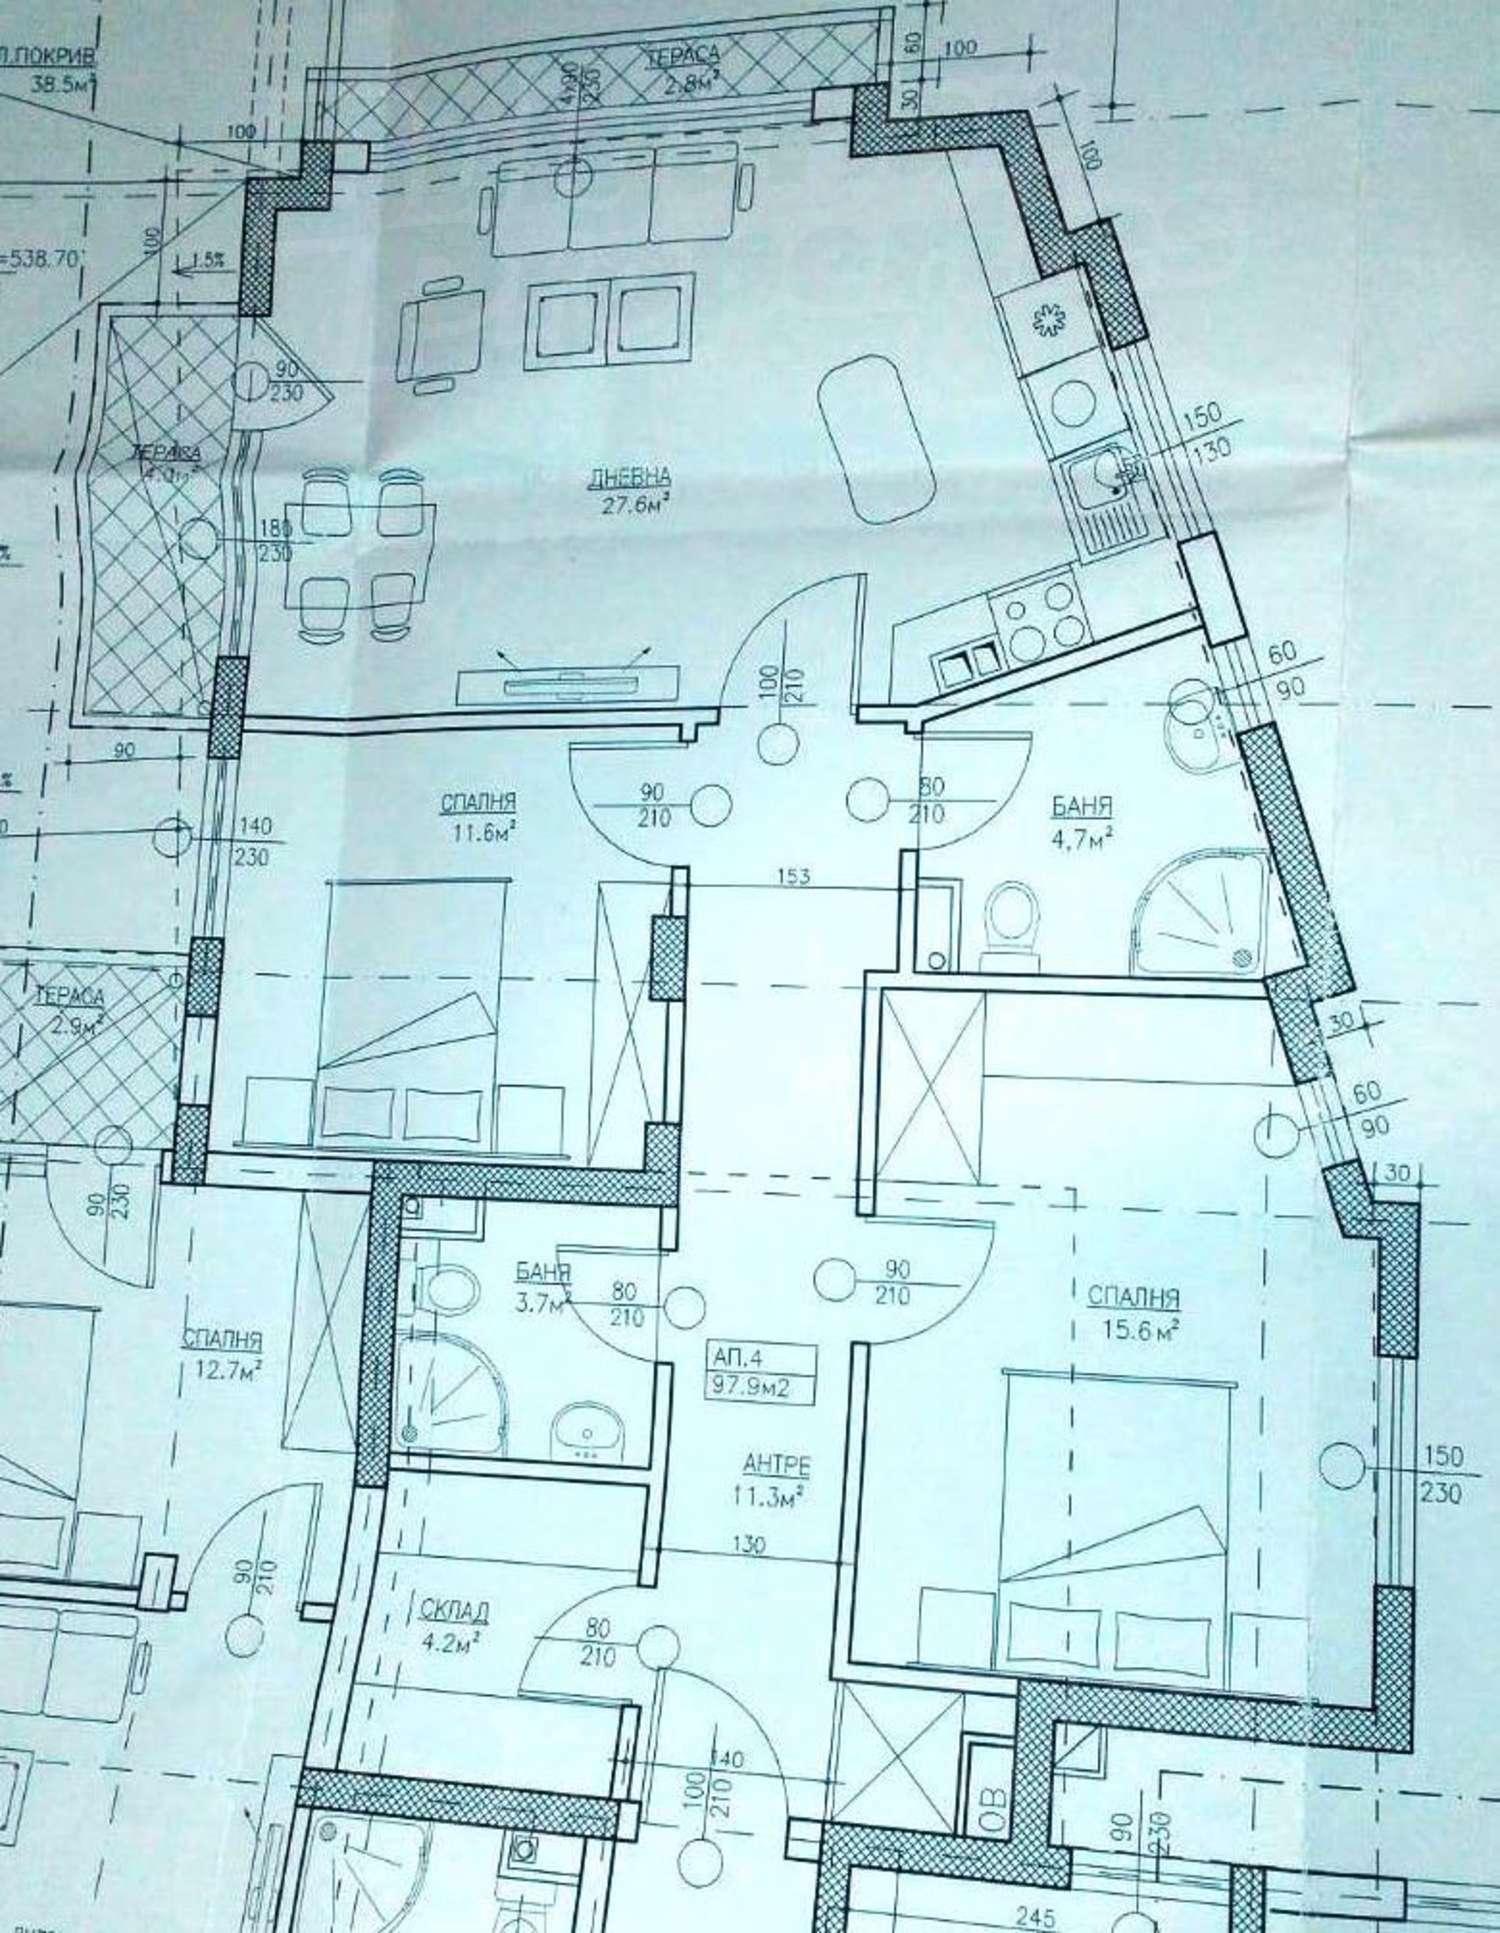 2 Bedroom Apartment For Sale In Sofia Quartercenter